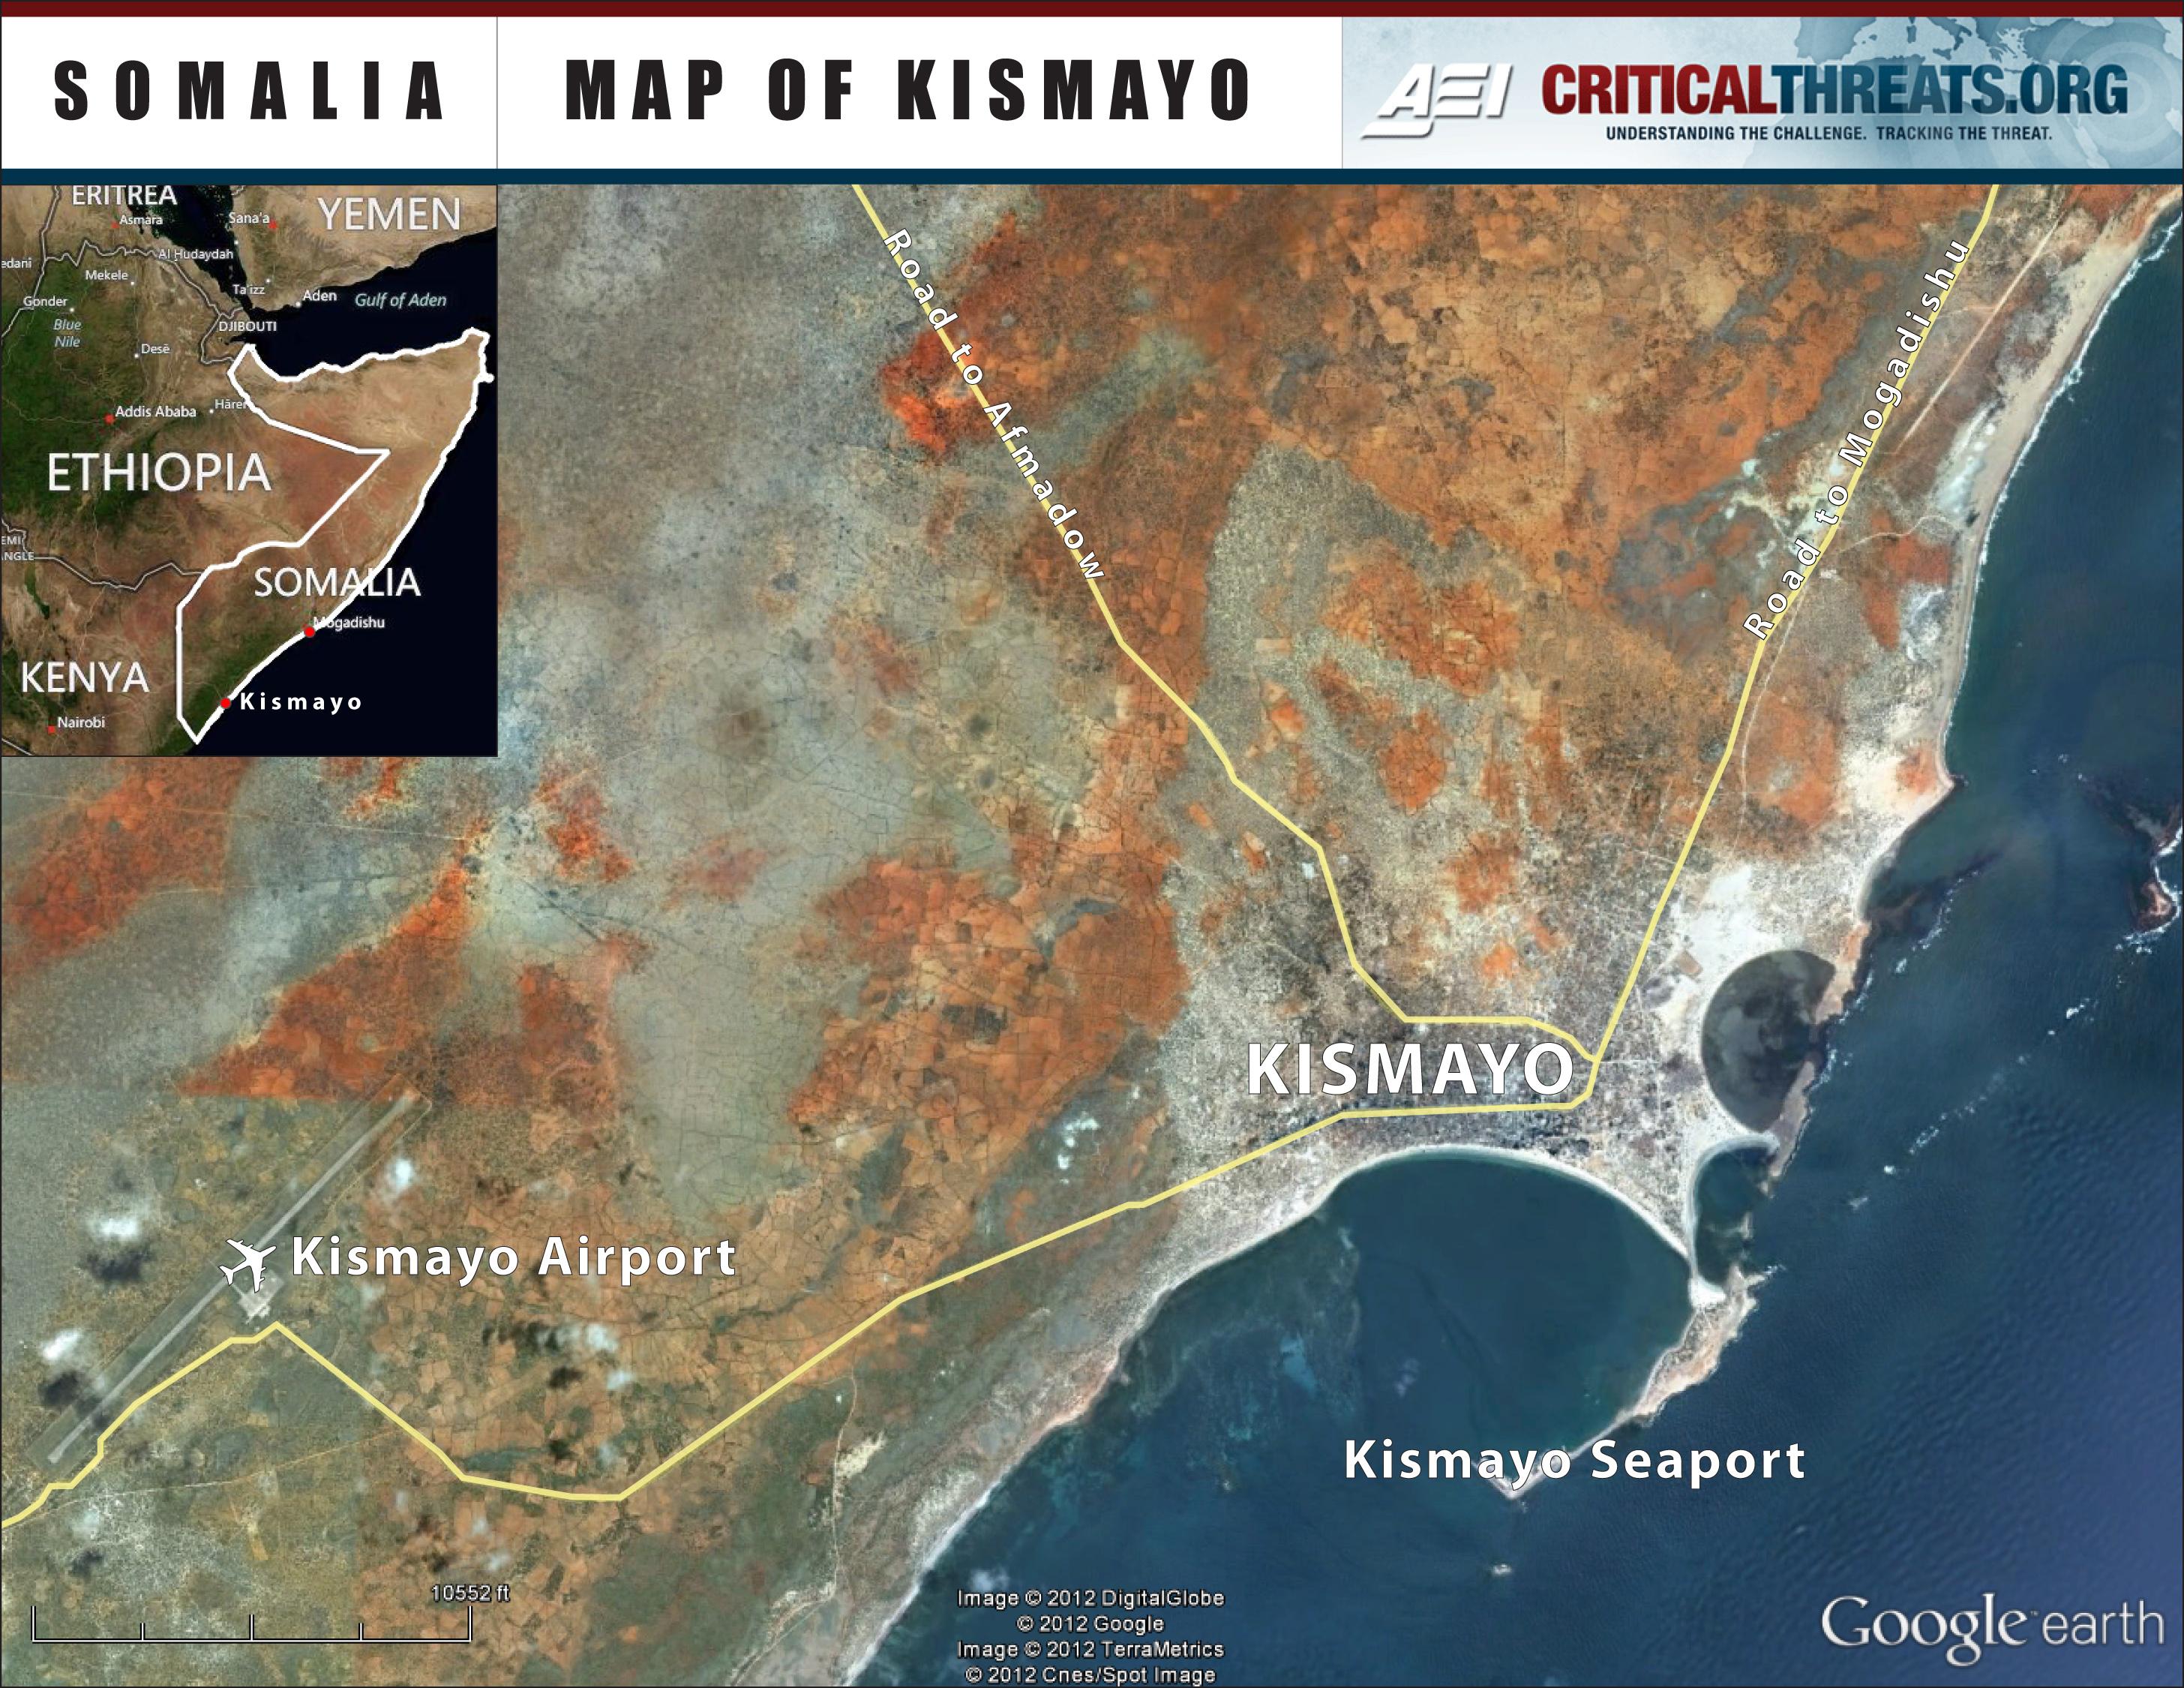 Al Shabaab After Kismayo | Critical Threats